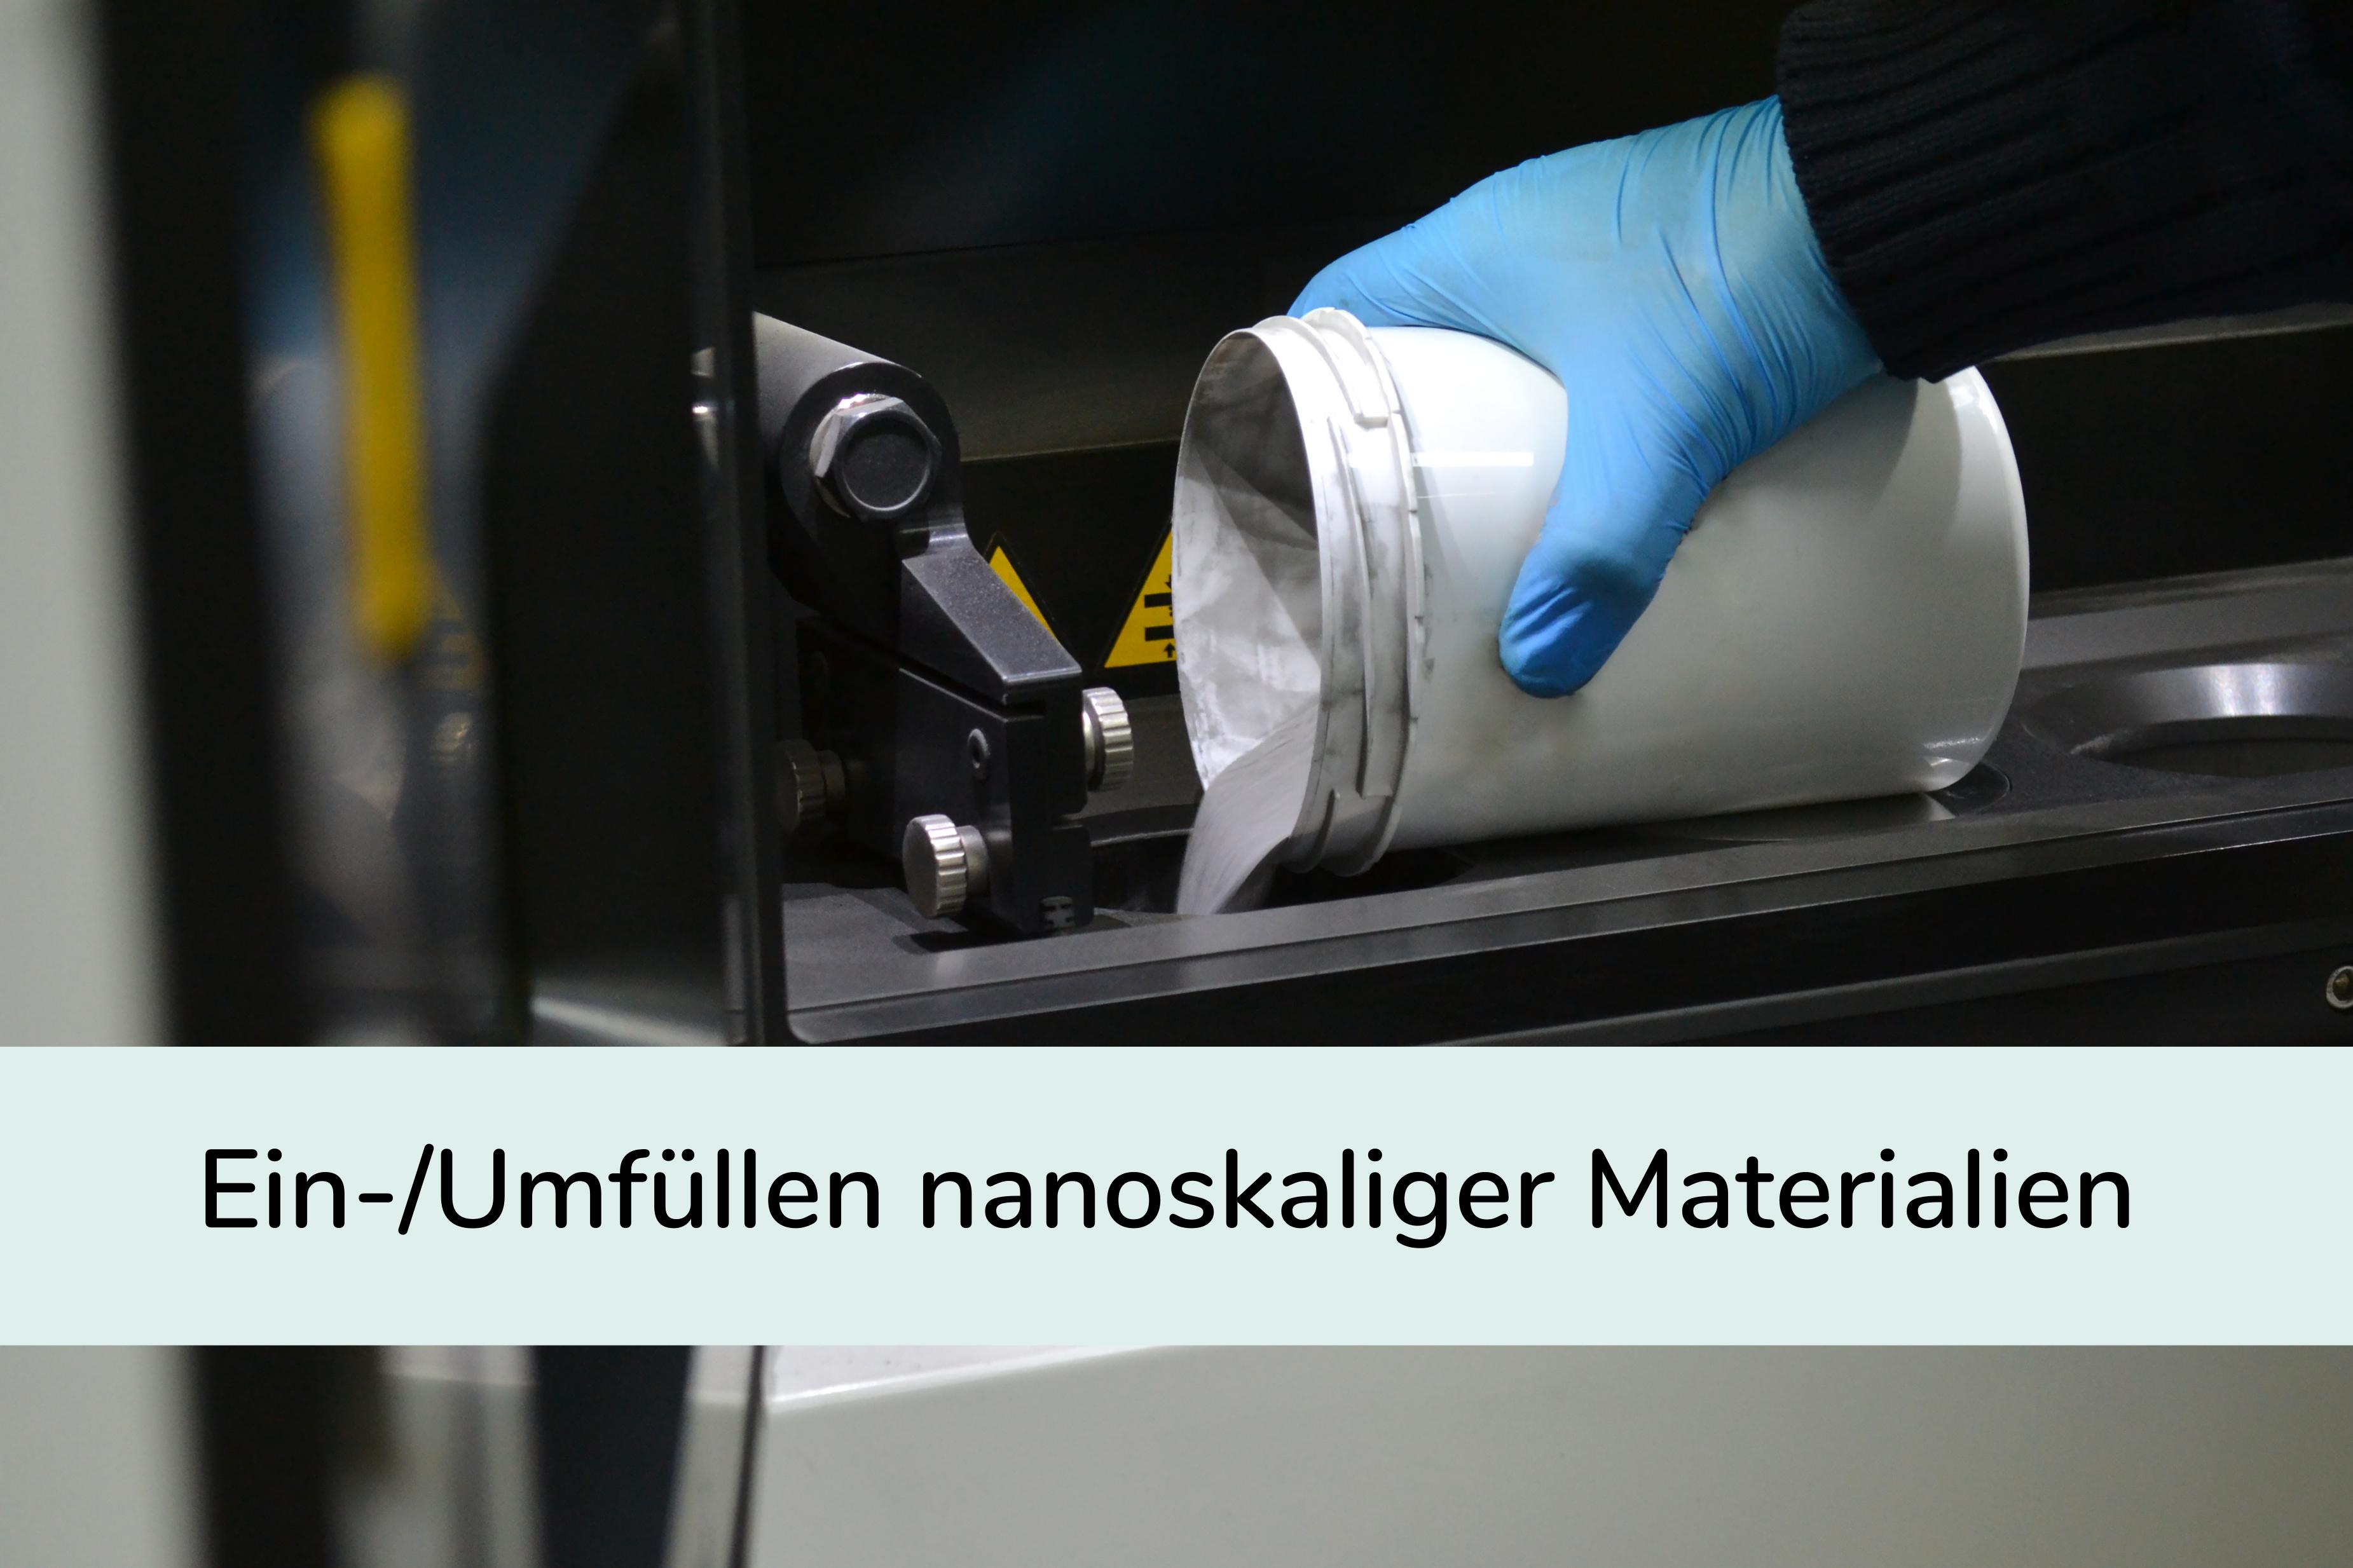 Ein-Umfüllen nanoskaliger Materialien